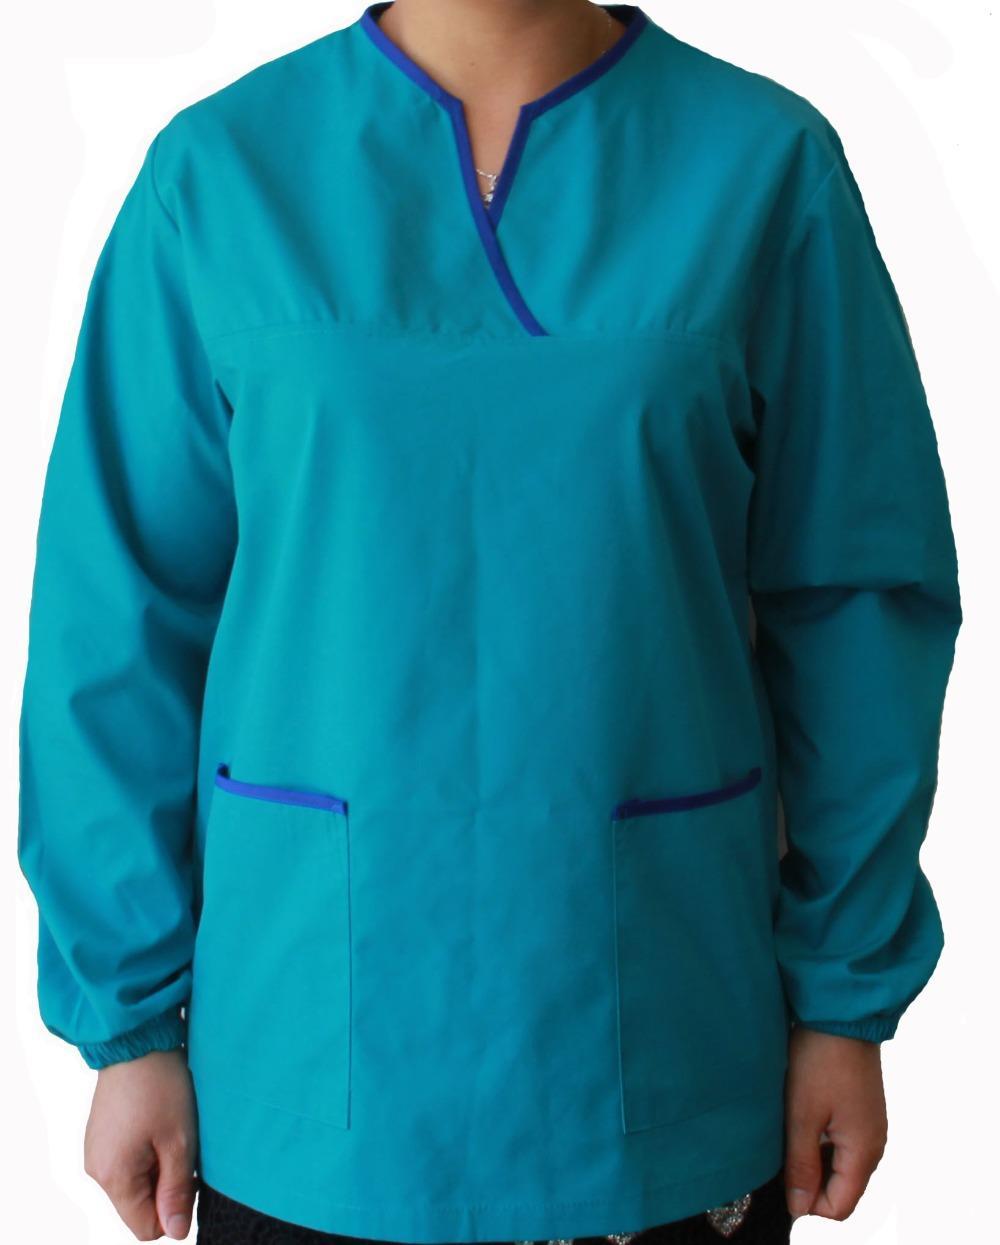 يونيفورم مستشفى –uniform يونيفورم ممرضة 141520953.jpg